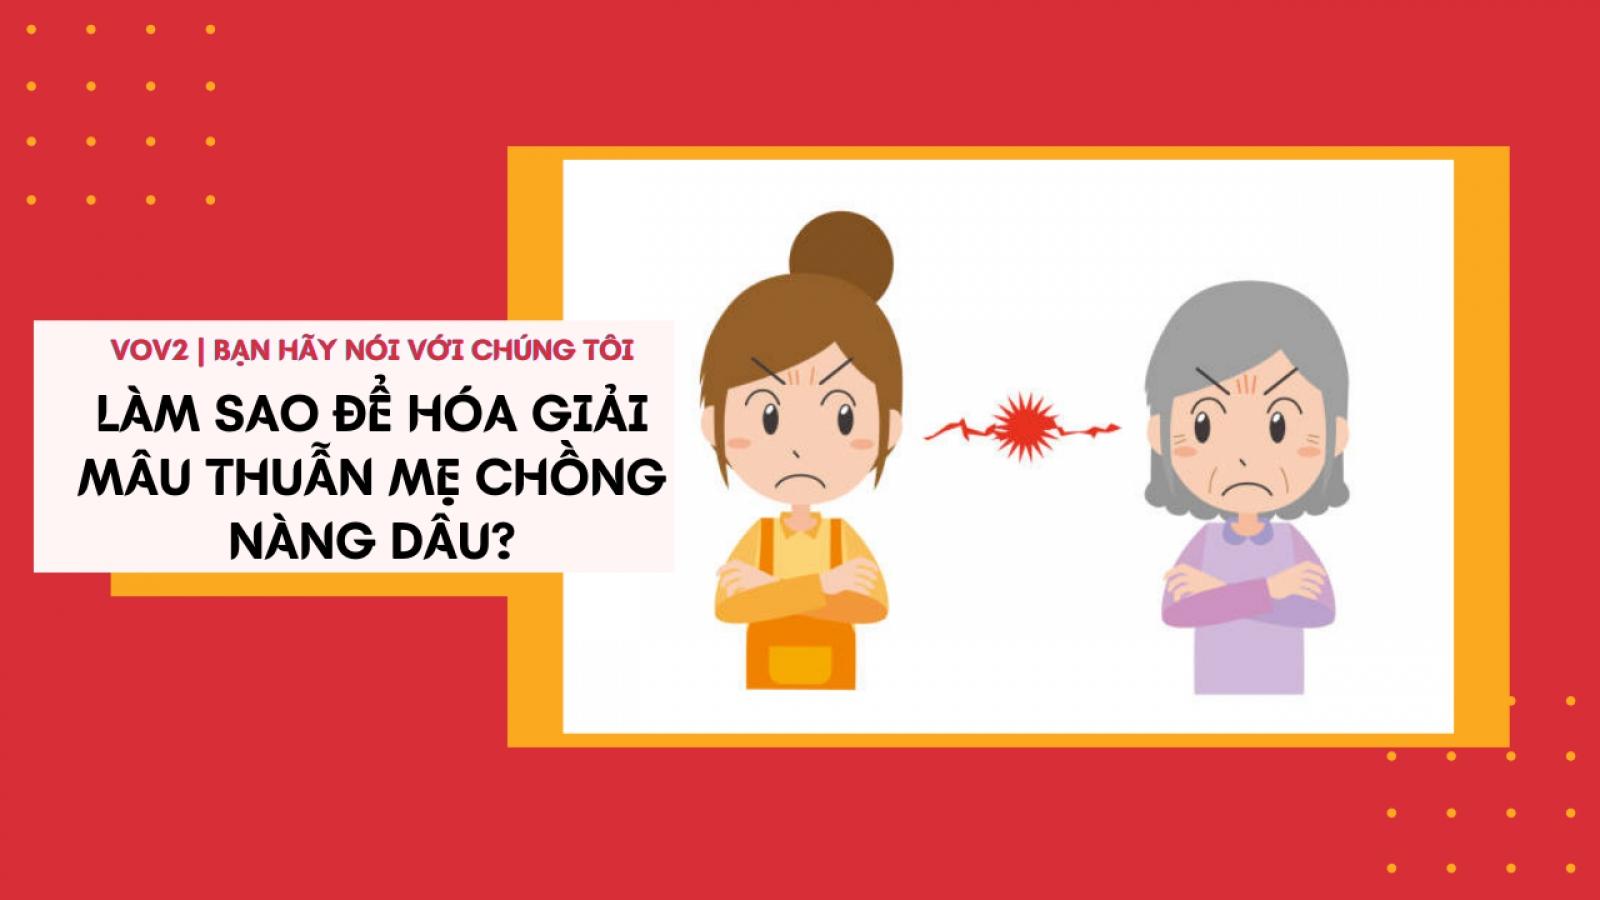 Làm sao để hóa giải mâu thuẫn mẹ chồng nàng dâu?